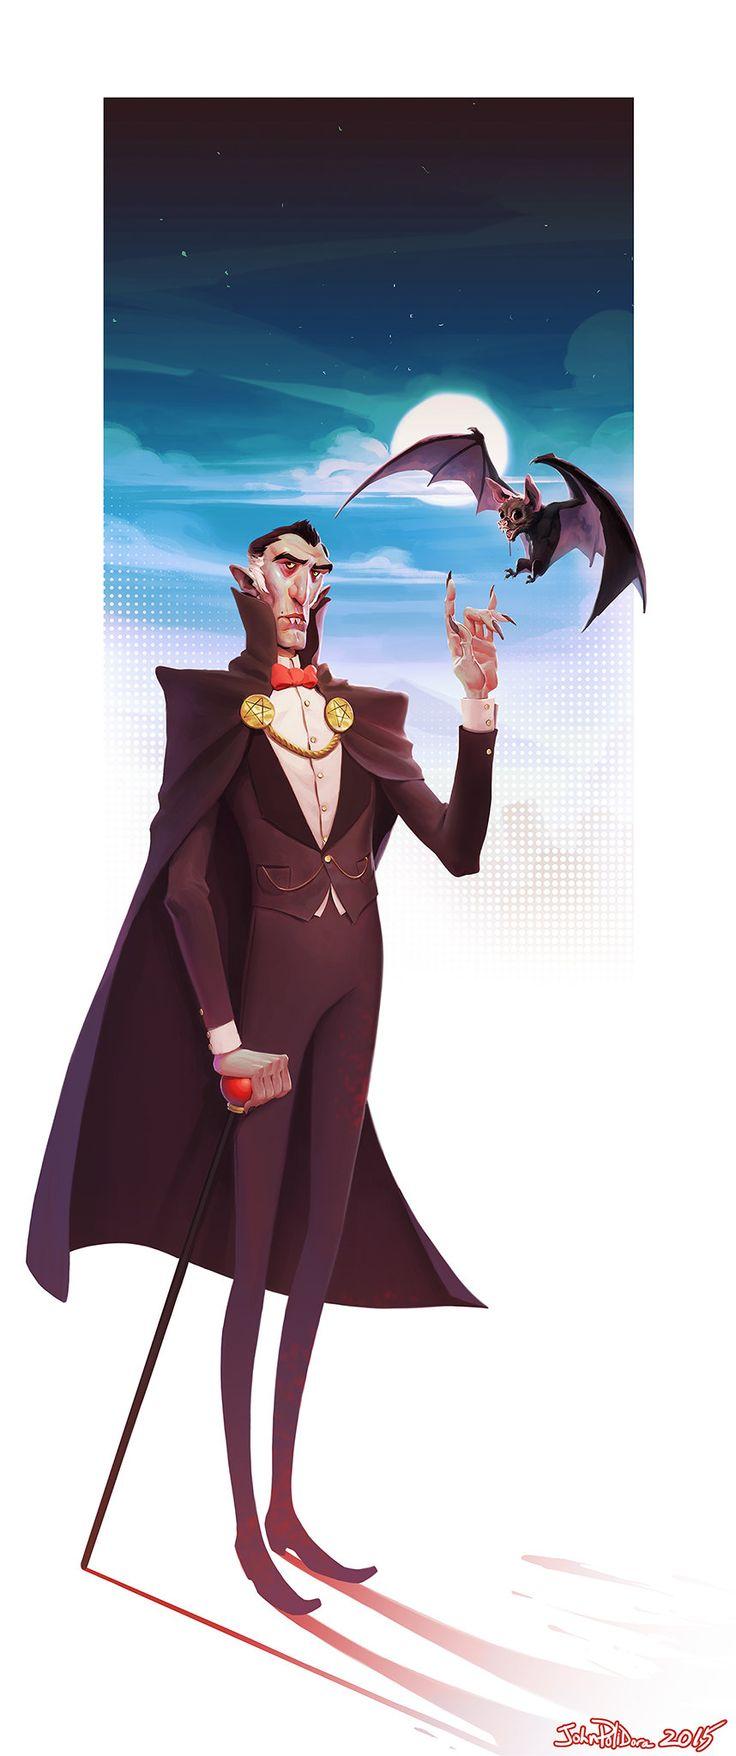 ArtStation - OG Dracula, John Polidora